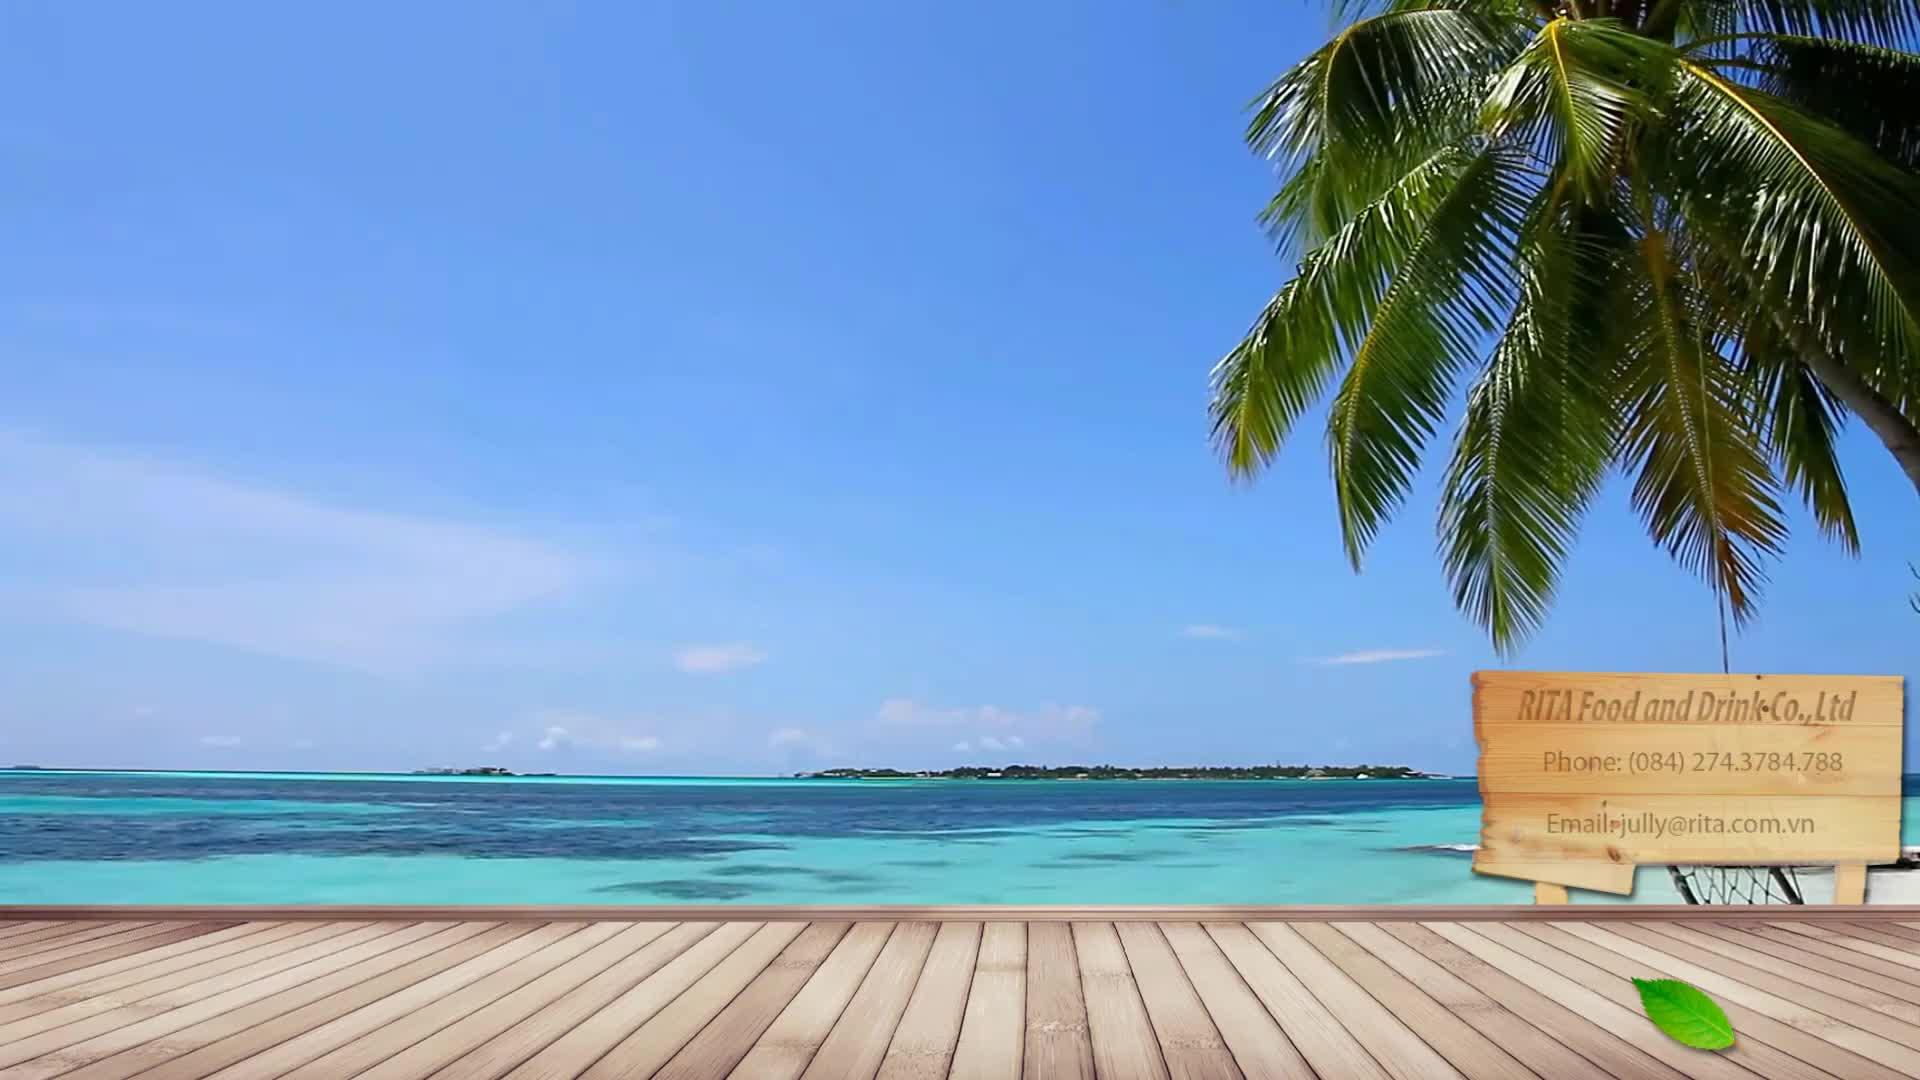 250 мл Pet Can 100% чистая сверкающая кокосовая вода